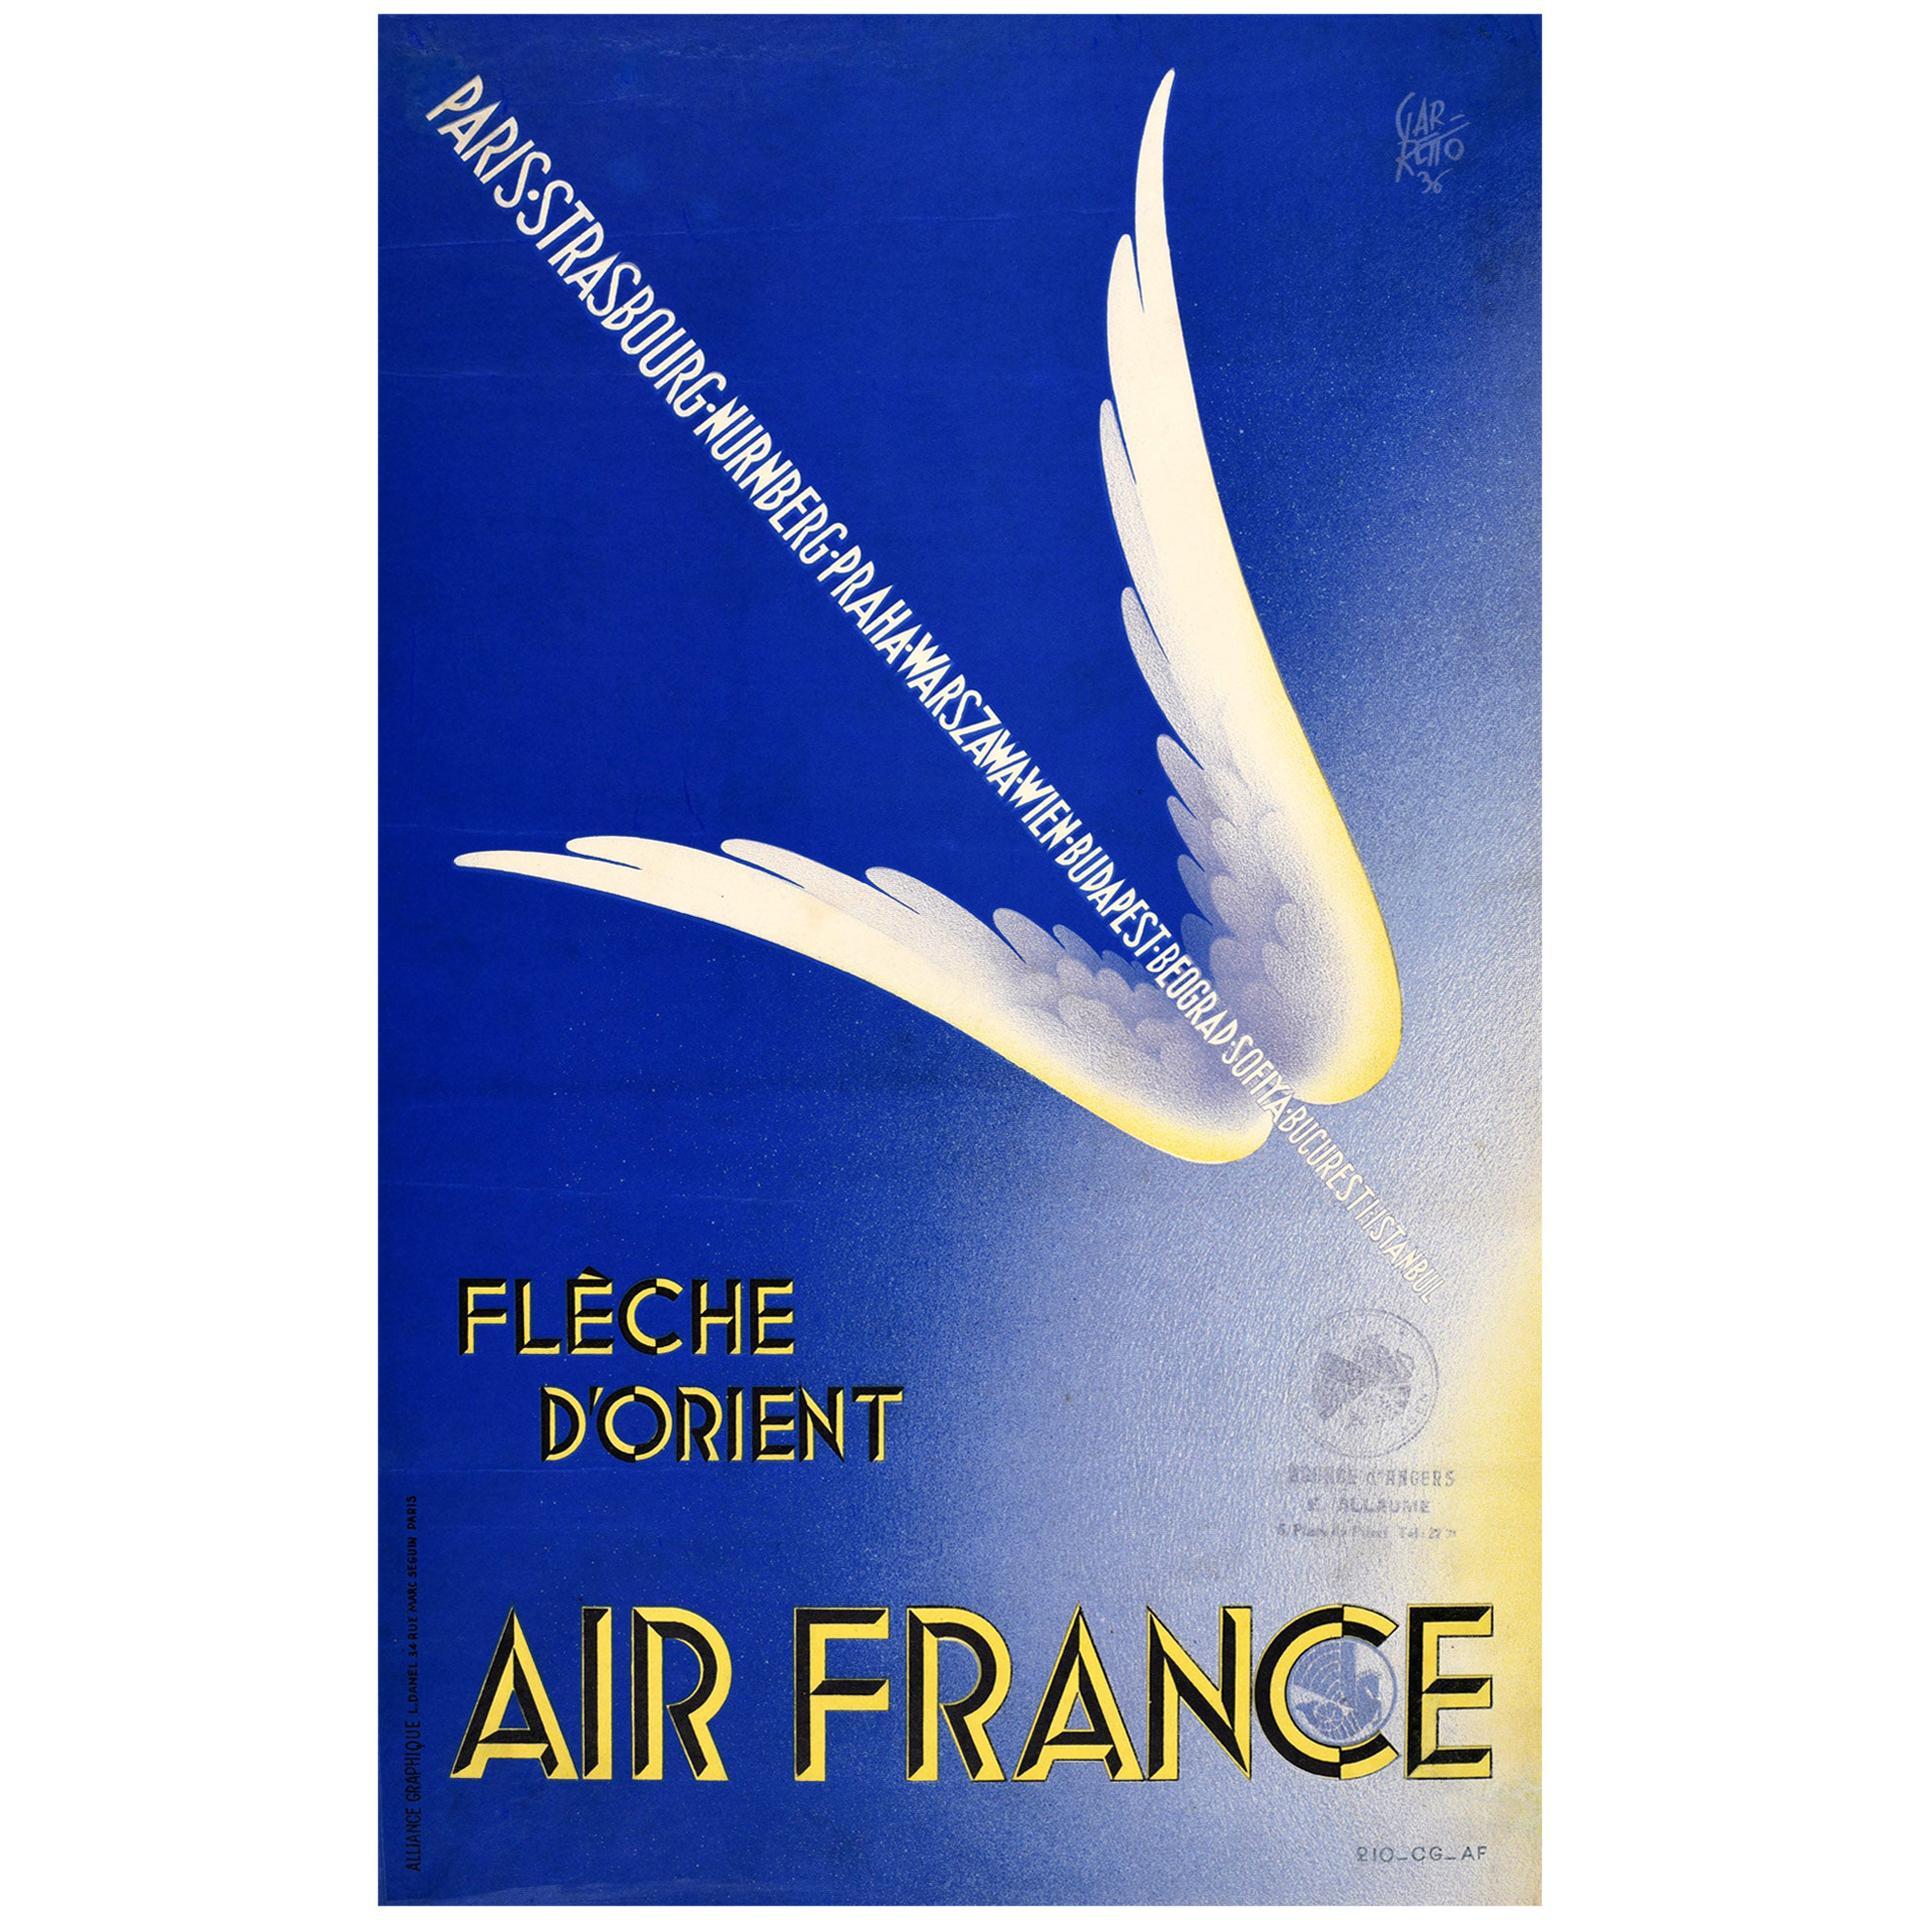 Original Vintage Poster Air France Fleche D'Orient Winged Arrow Design Travel